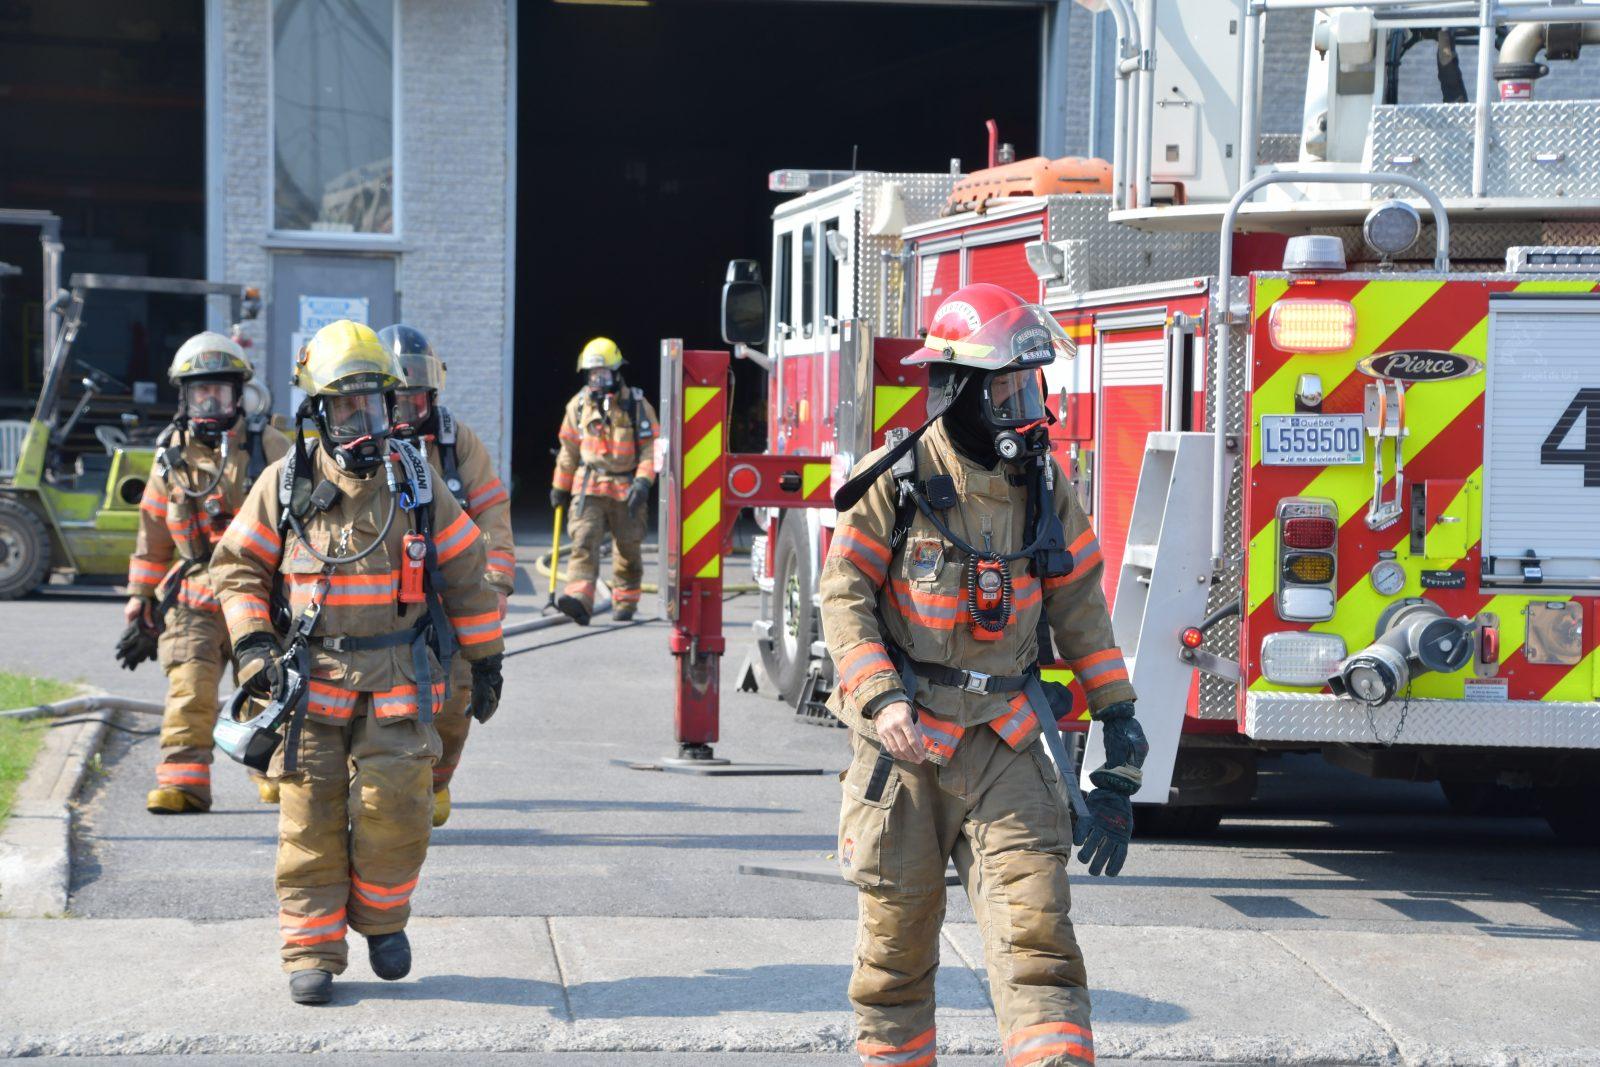 Les pompiers de l'agglomération se lancent dans une campagne vidéo